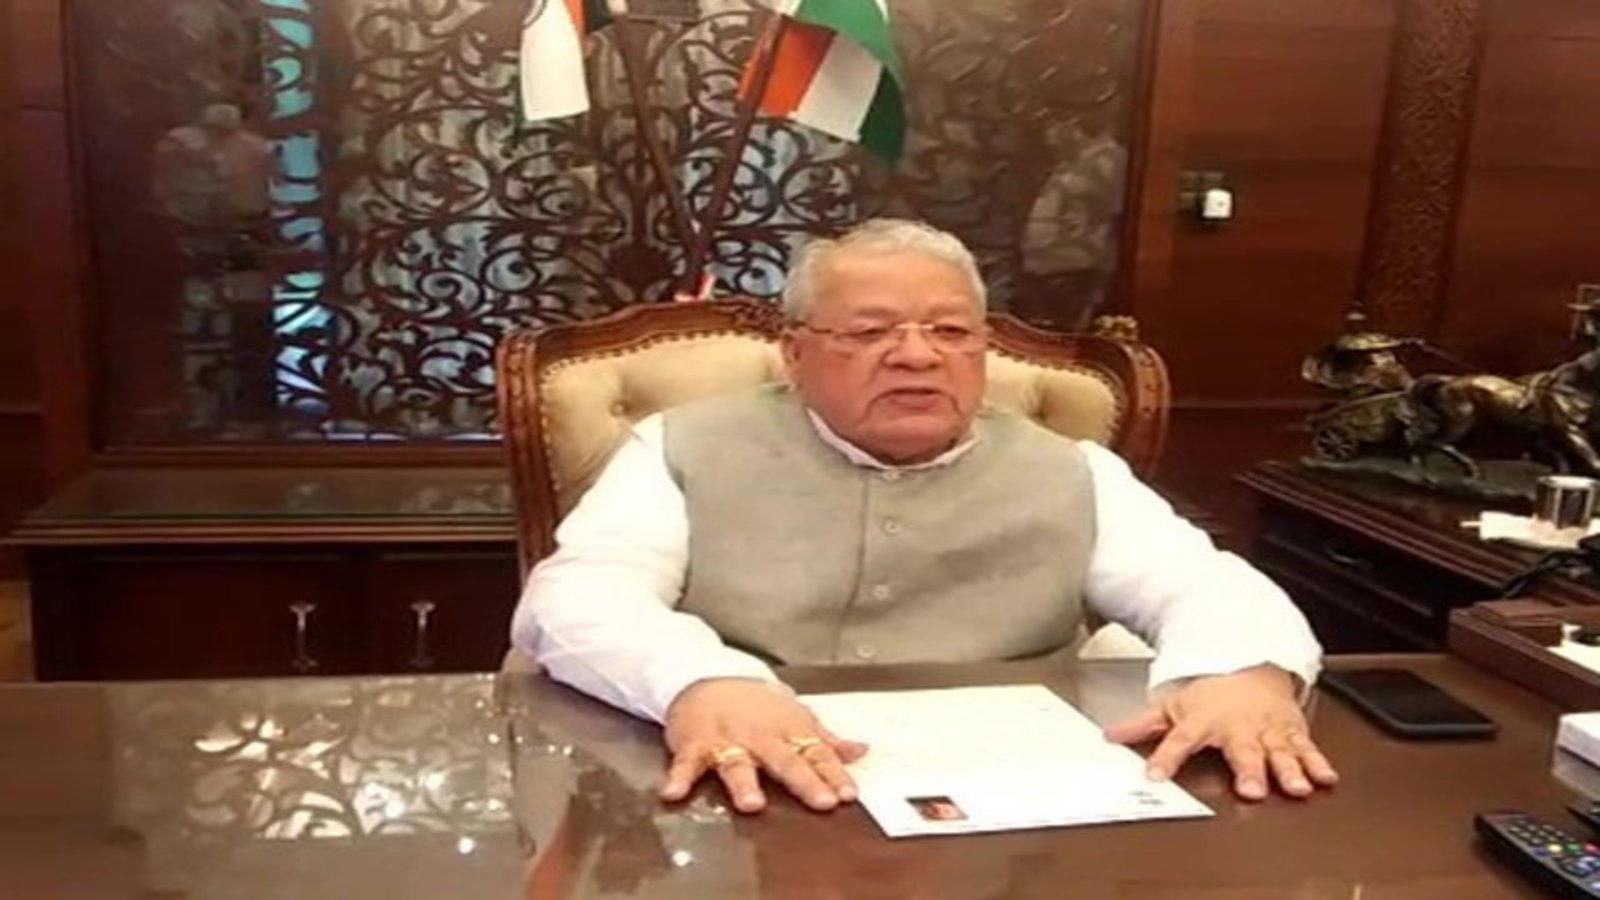 राज्यपाल कलराज मिश्र ने विधानसभा सत्र बुलाने को लेकर सहमति जताई, रखी तीन शर्तें